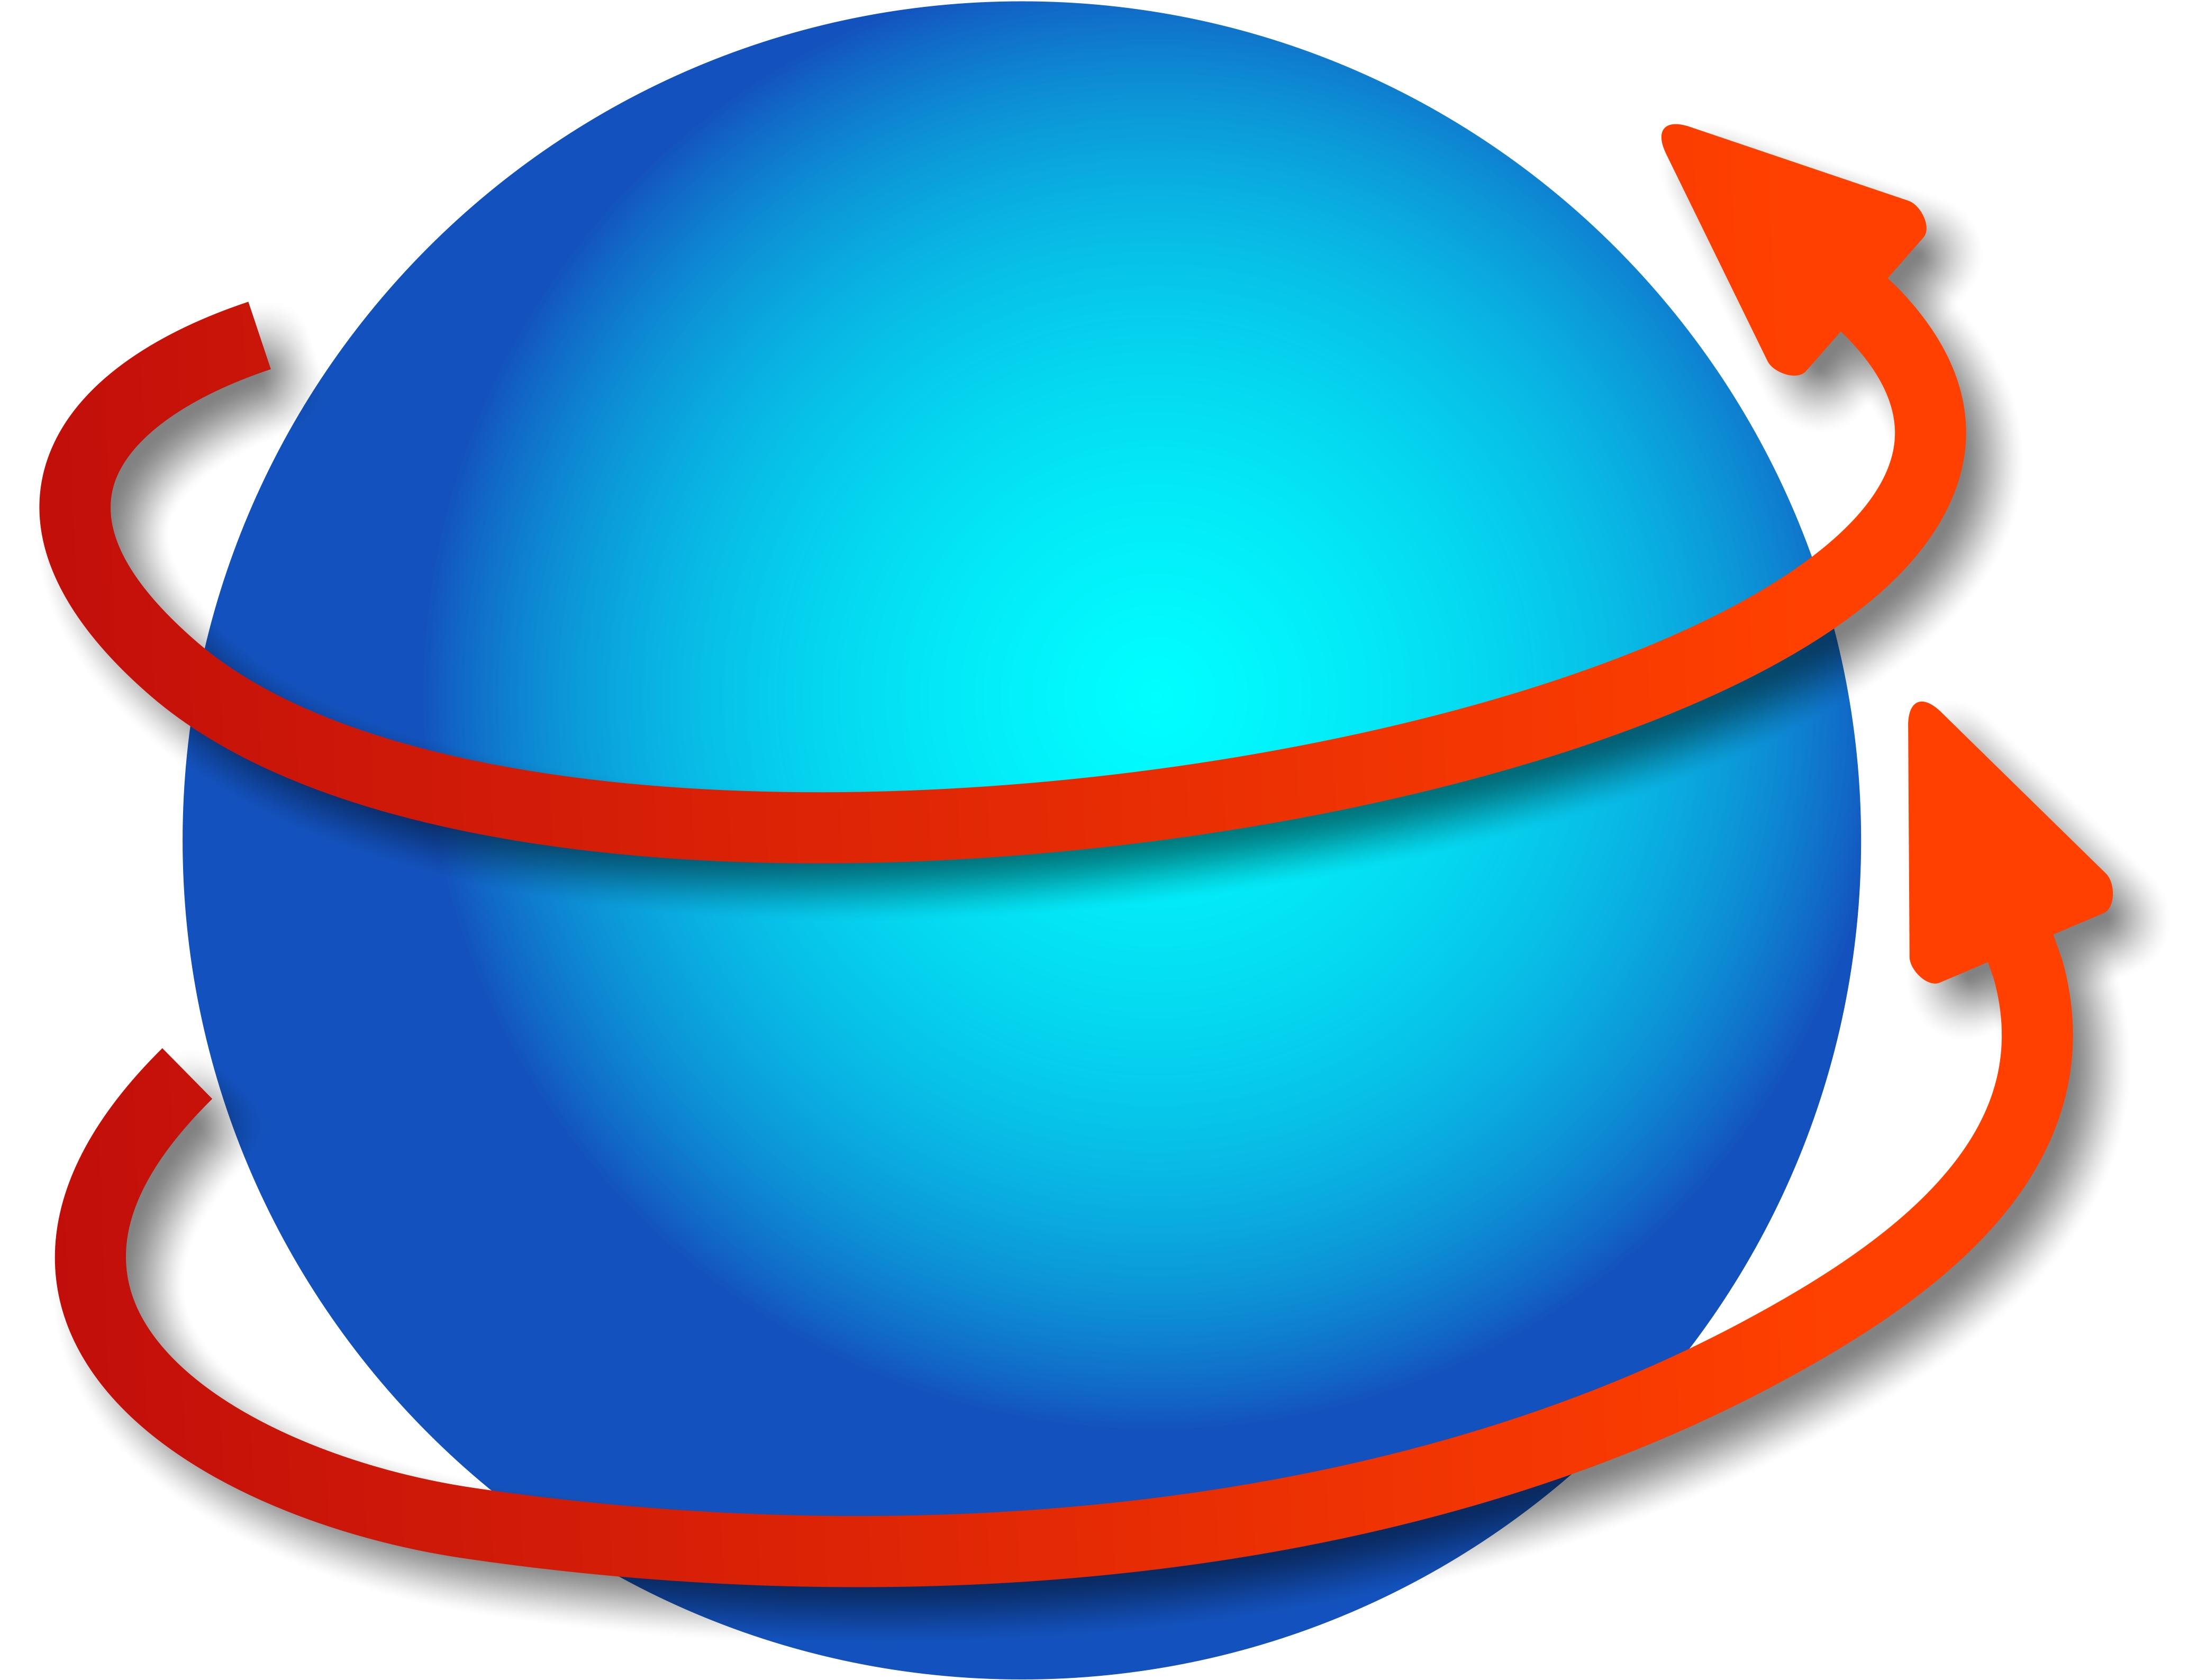 Revolving Globe.